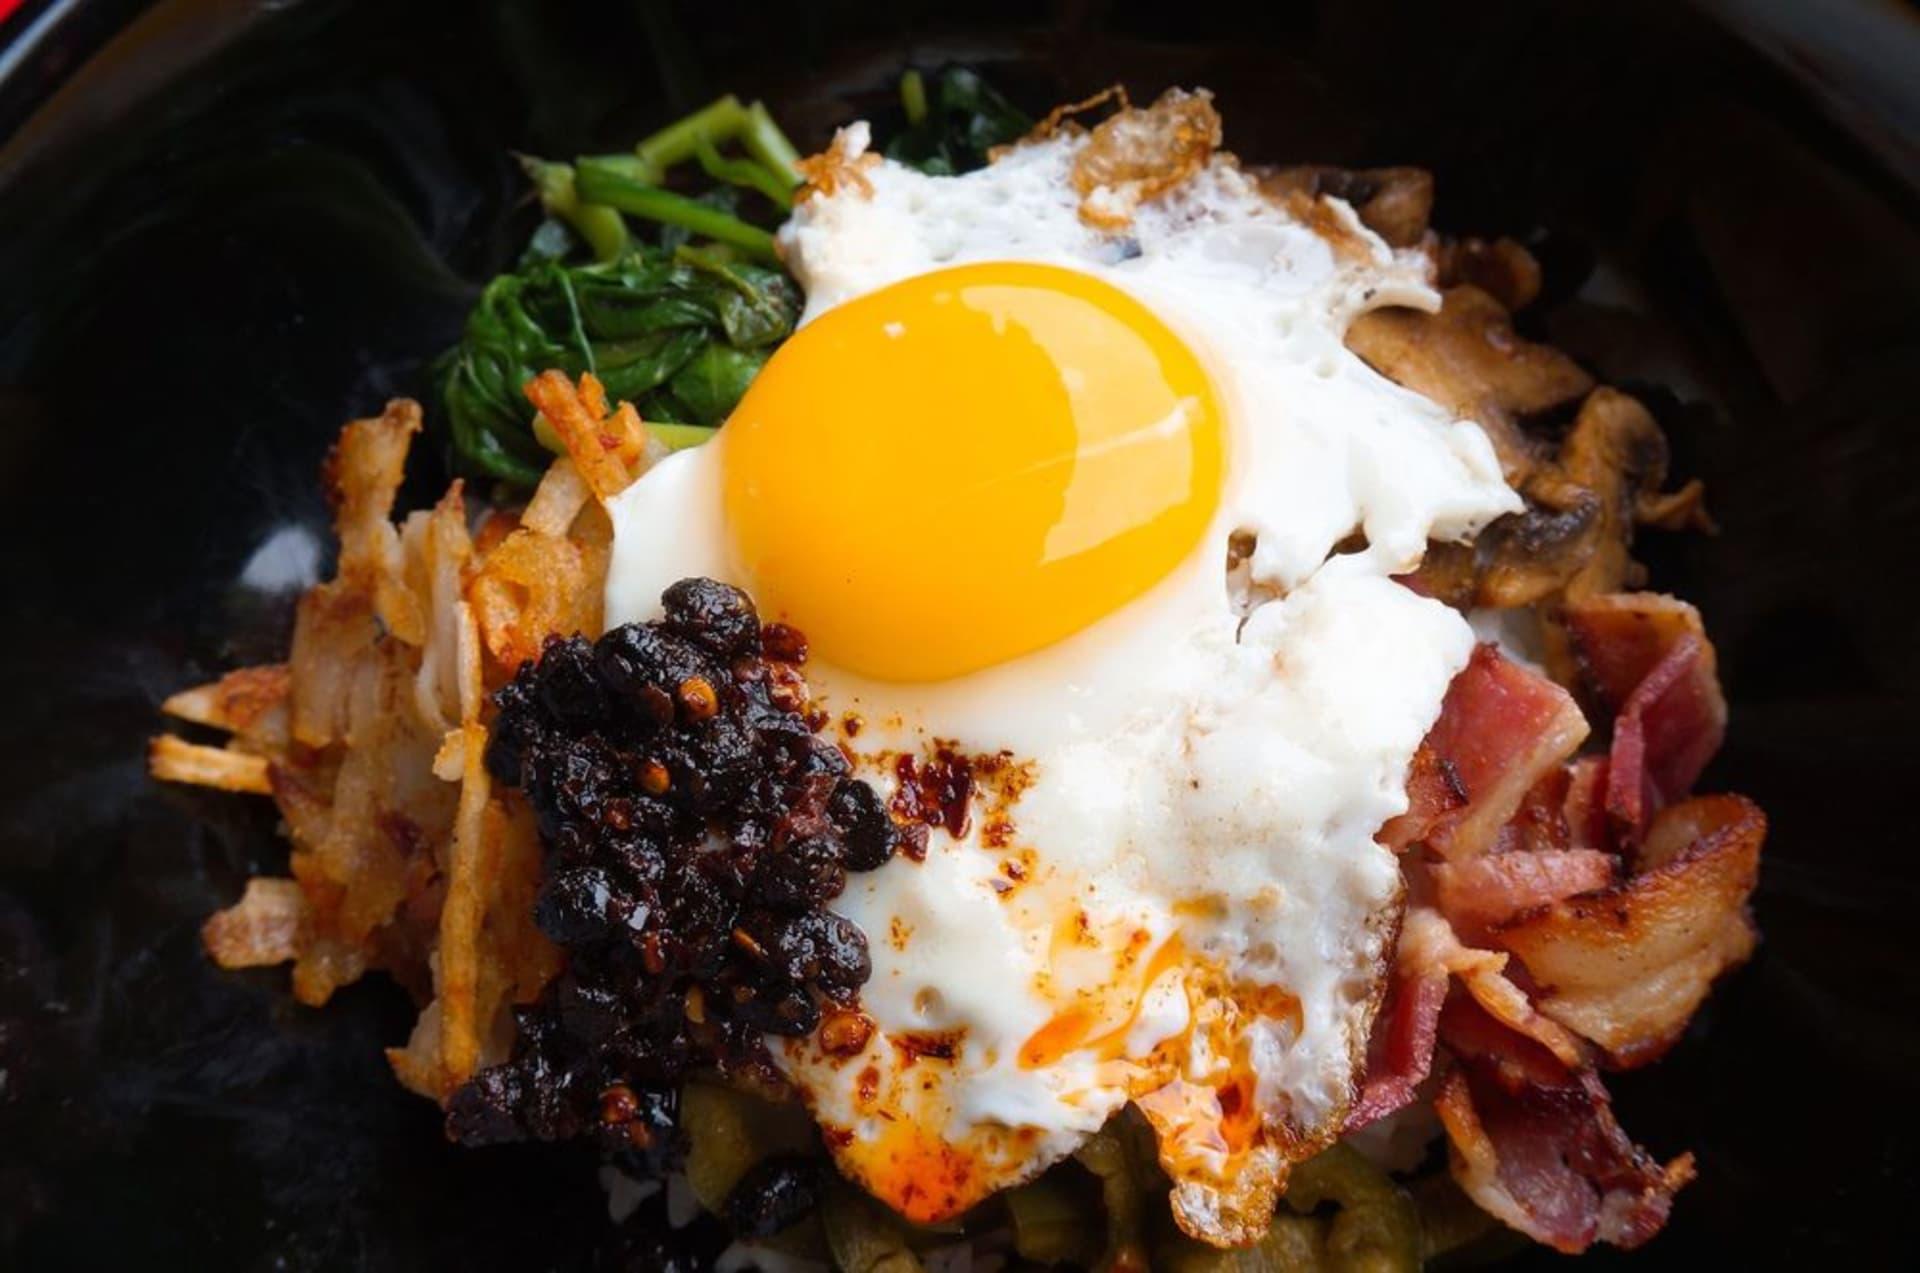 Honest Breakfast Food in the Heart of Koreatown